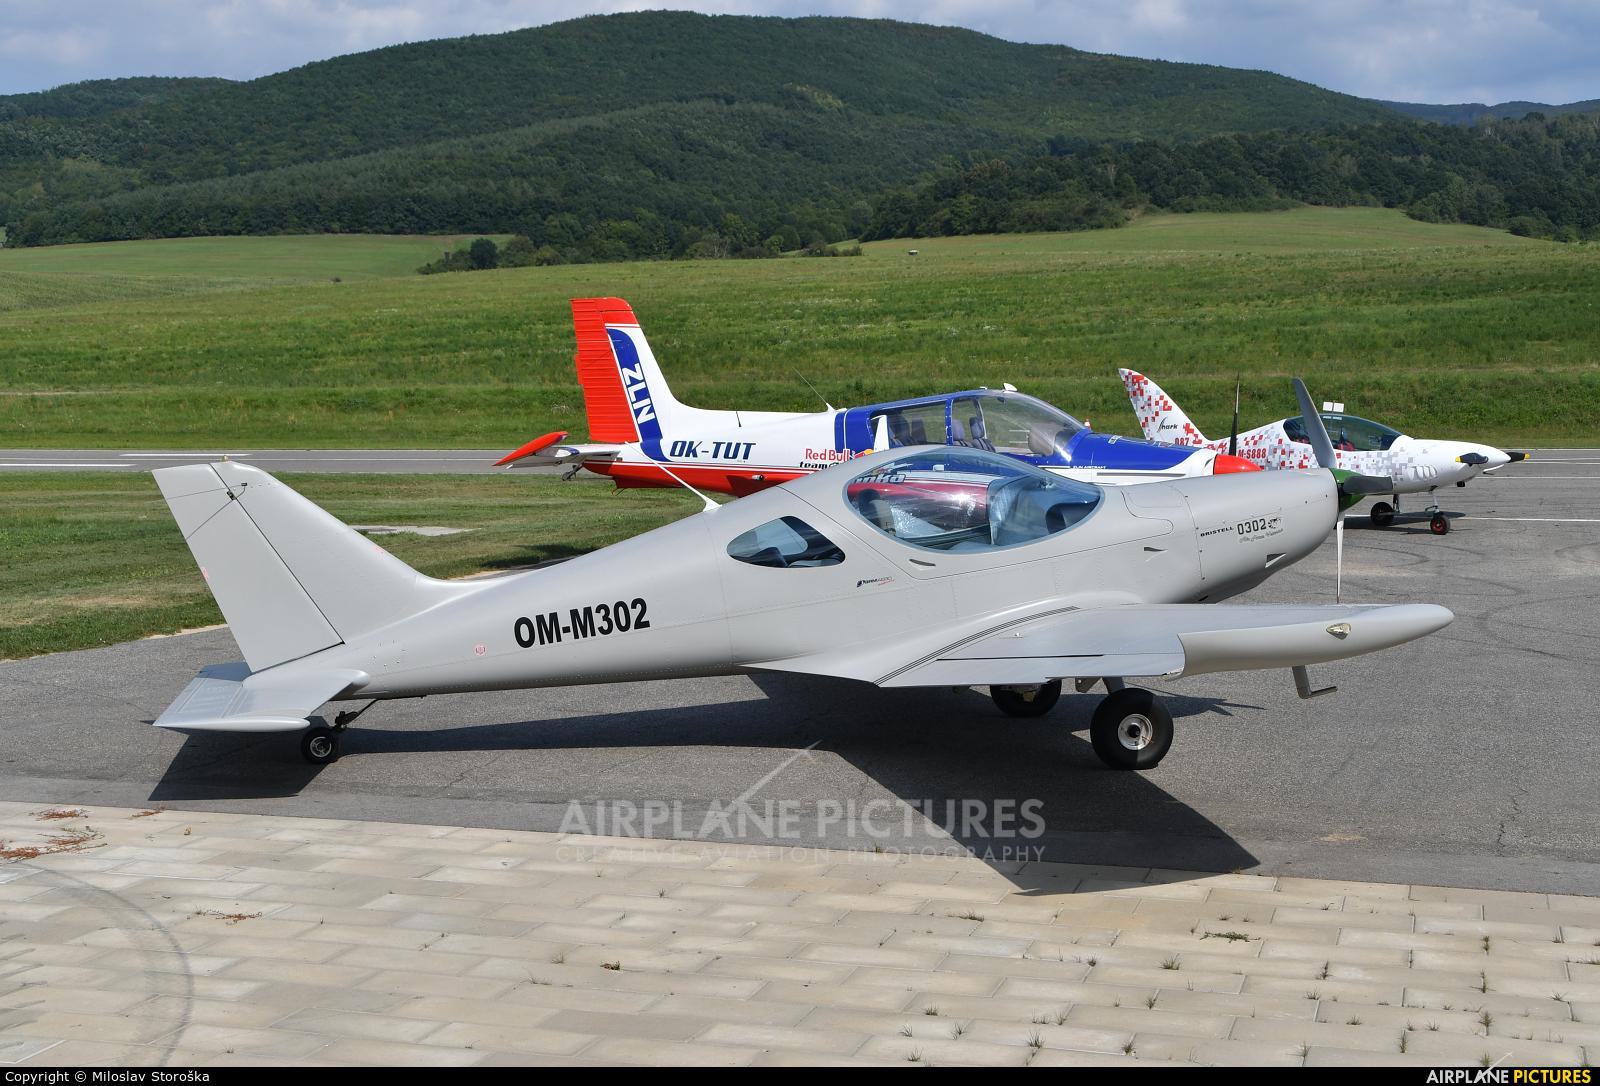 Letecky Sportovy Klub Zvolen OM-M302 aircraft at Dobra Niva